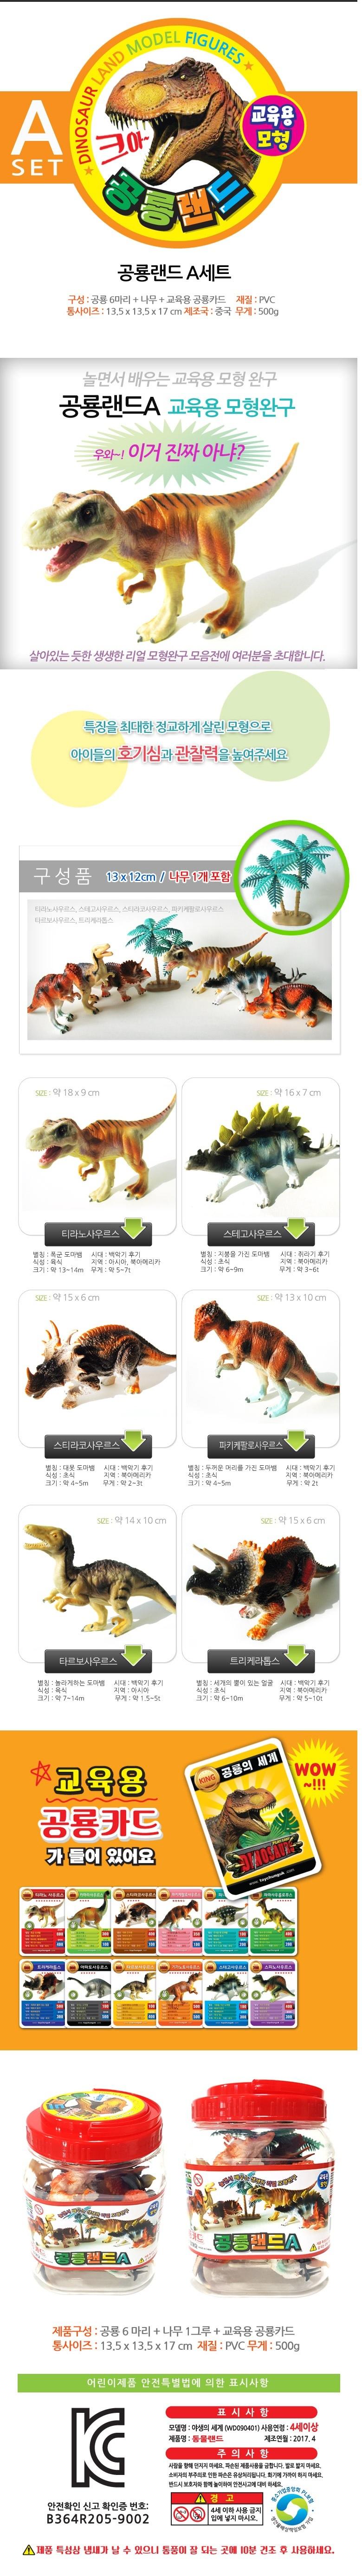 공룡랜드) 피규어 공룡6종 모형완구 티라노 트리케라톱스 나무 공룡카드 피규어 공룡피규어 공룡장난감 공룡모형 공룡모형피규어 공룡모형장난감 공룡놀이 티라노피규어 트리케라톱스피규어 공룡모형놀이